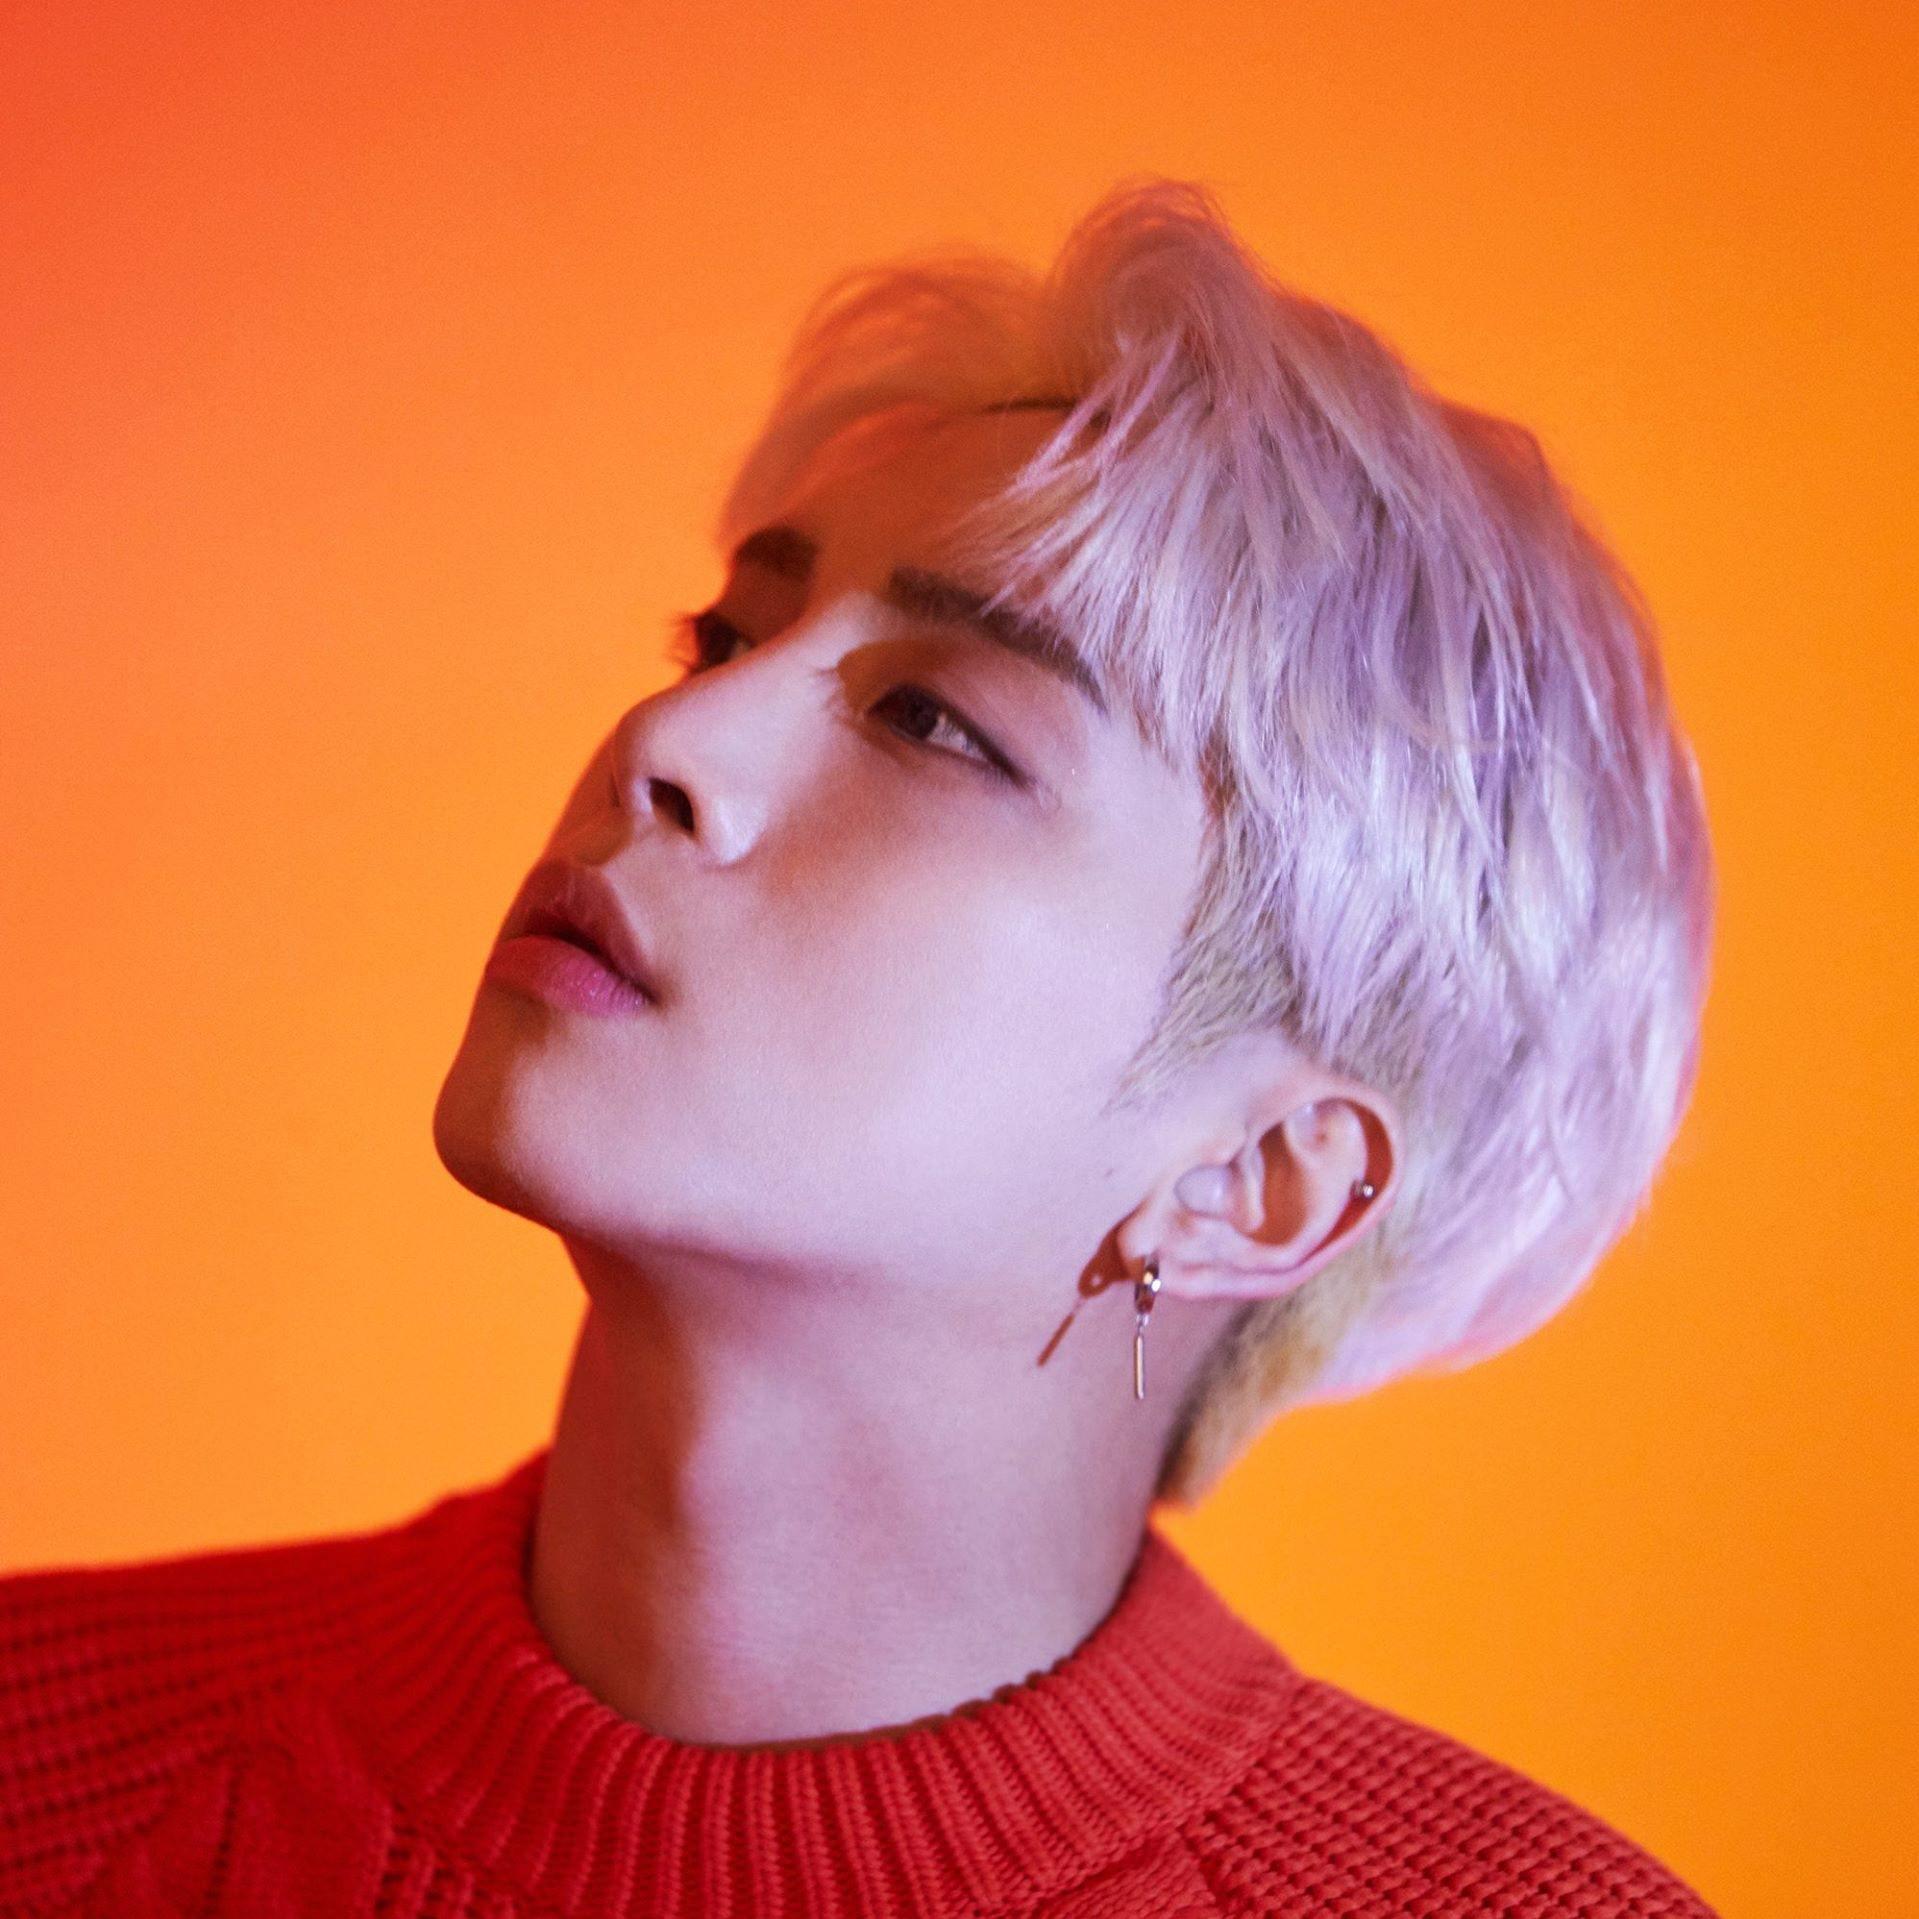 Poet | Artist của JongHyun: 'Bài thơ' tuyệt đẹp gửi những người ở lại